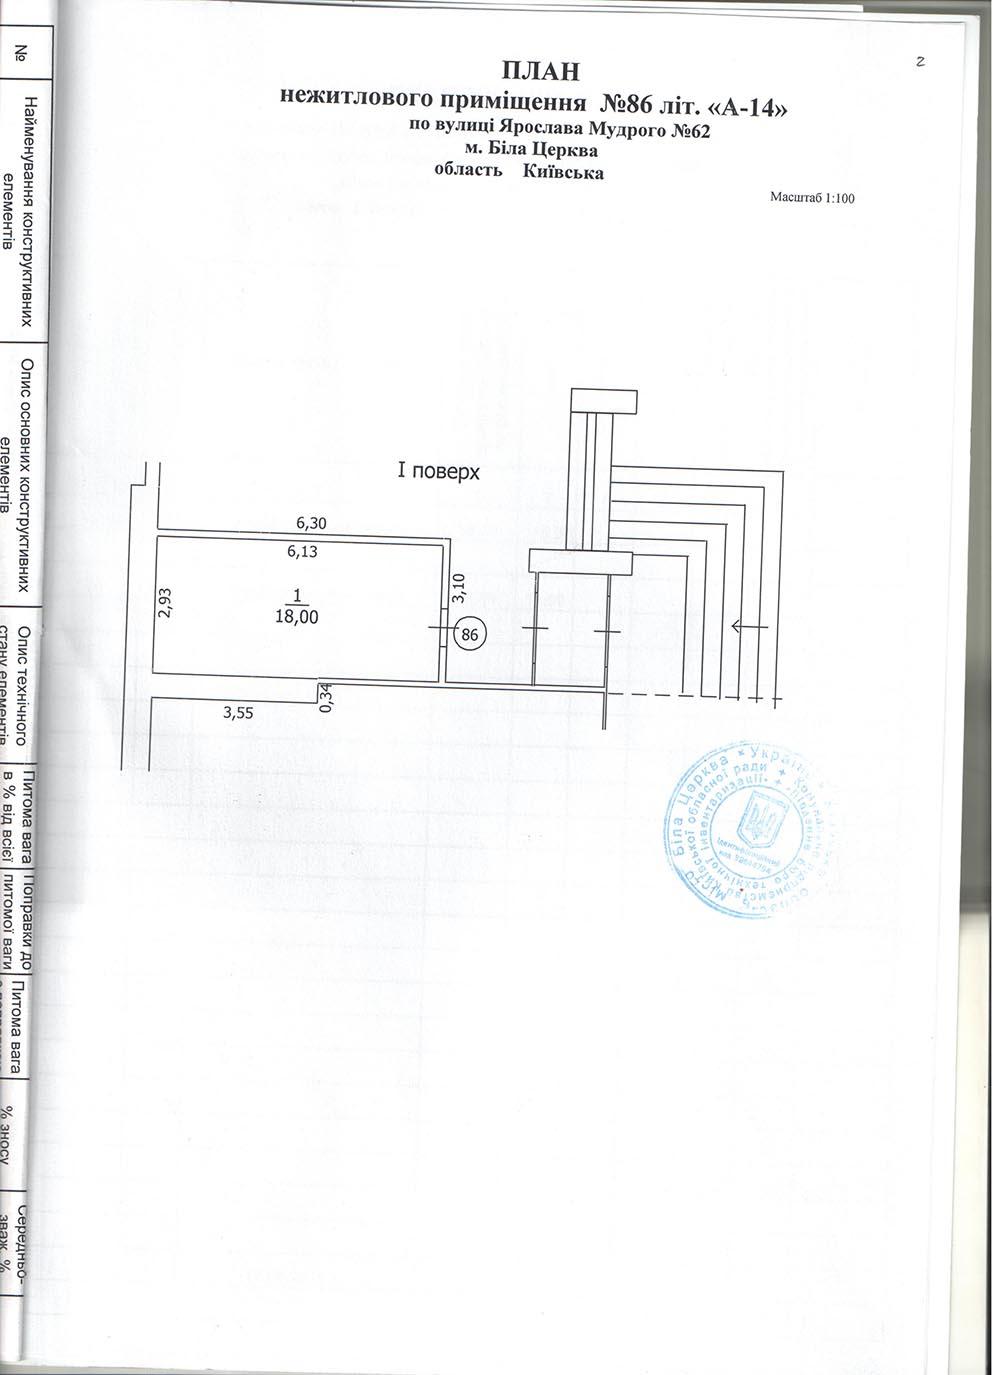 Білоцерківська мерія продасть з аукціону приміщення по вулиці Ярослава Мудрого